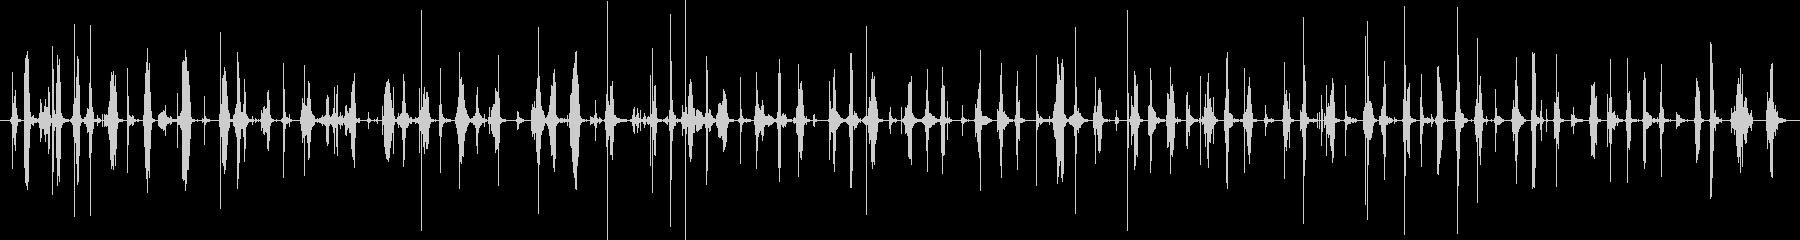 バイノーラル足音歩く3サンダル_後斜左の未再生の波形